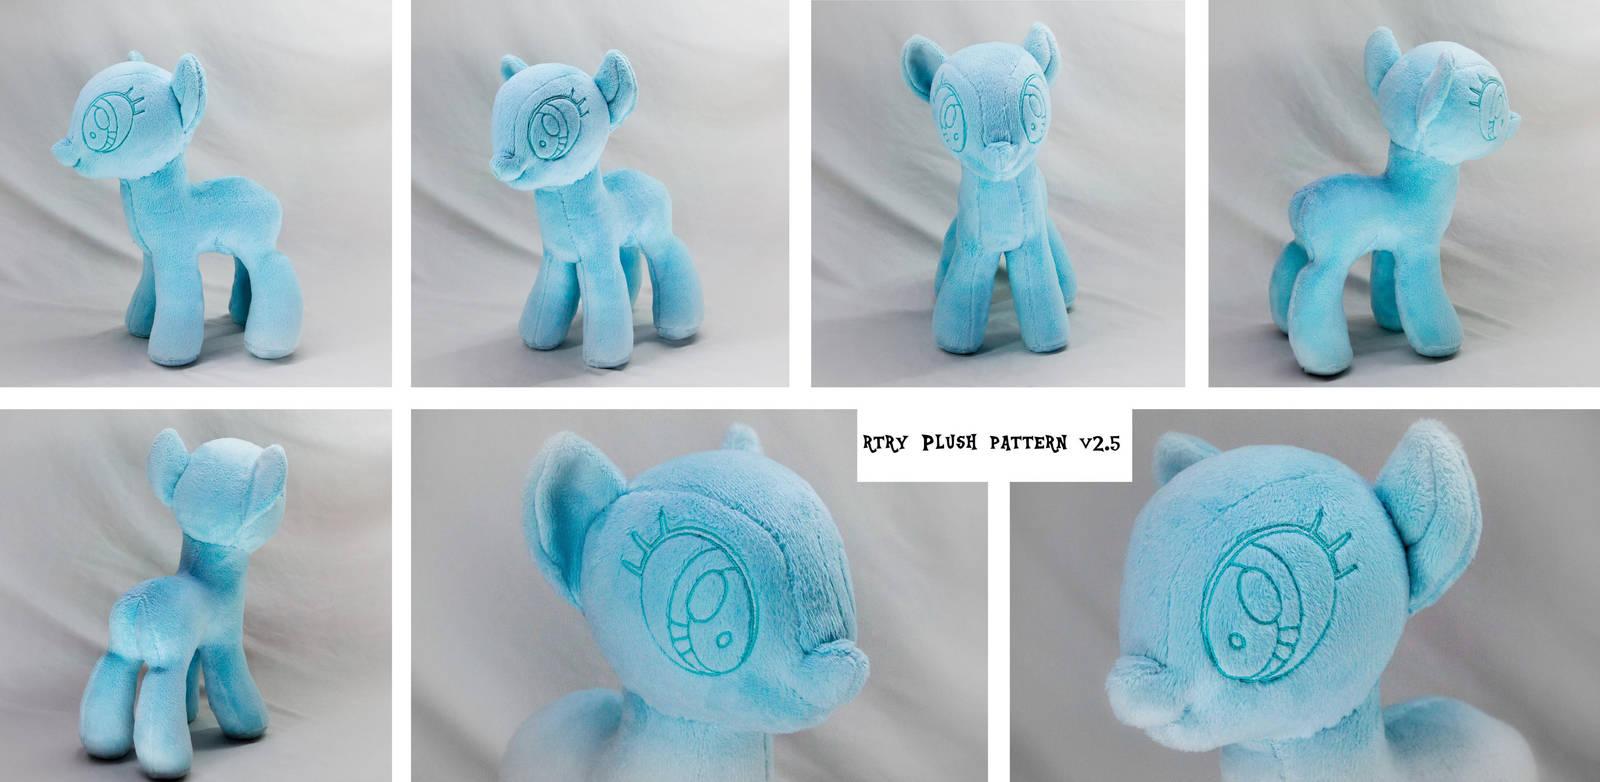 My Little Pony base pattern (v2.5) by rtry